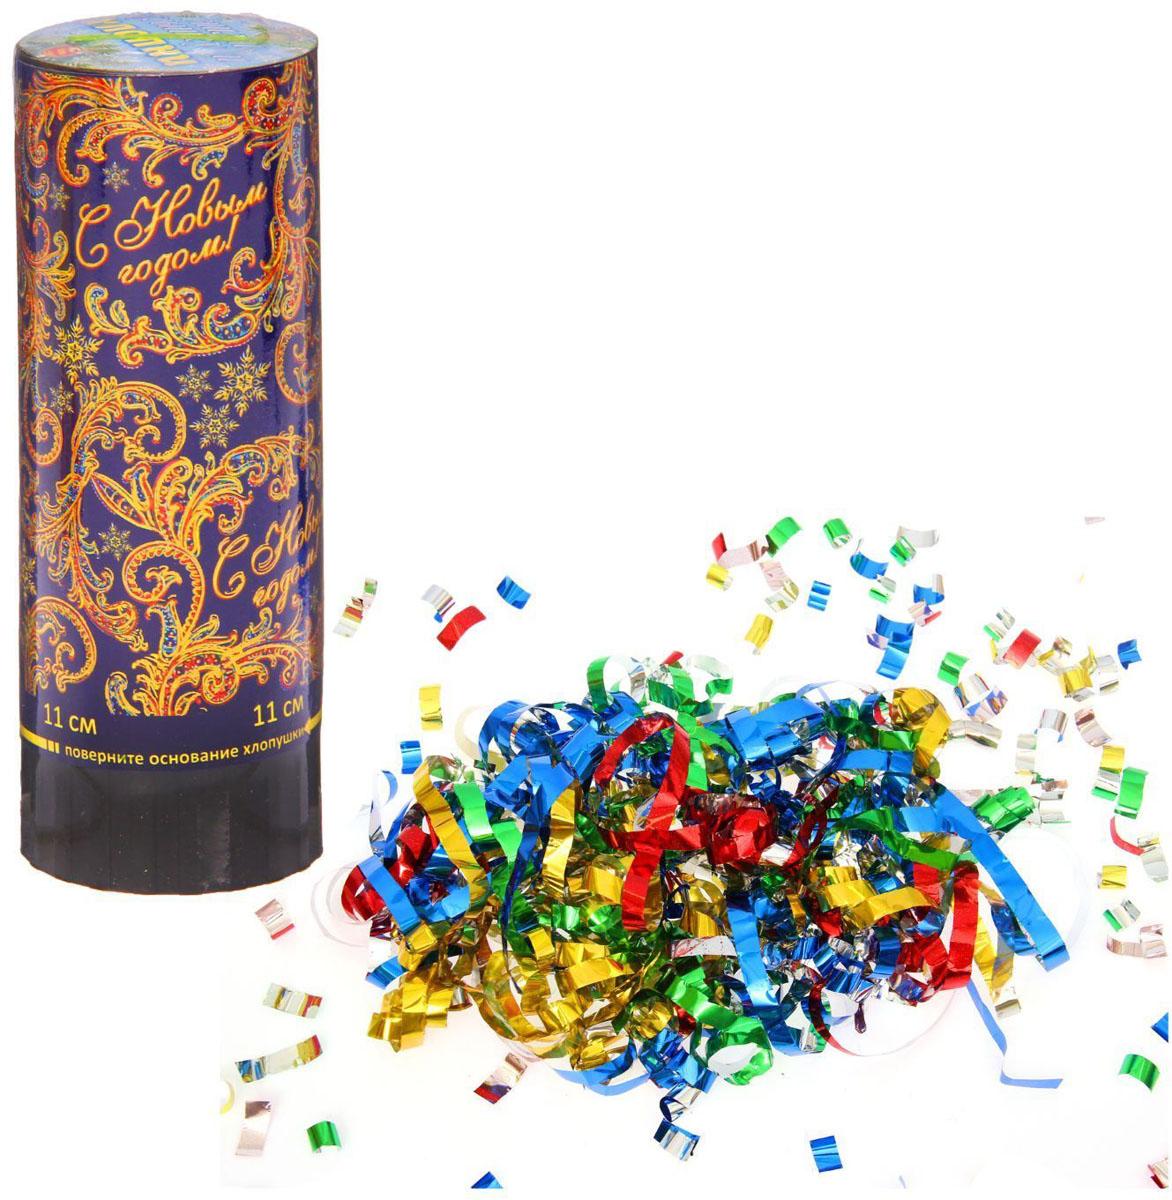 Хлопушка поворотная Страна Карнавалия С новым годом. Узоры, цвет: синий, длина 11 см1076007Зажгите самую волшебную ночь года заводным весельем; устройте вечеринку и непременно встретьте бой курантов яркими фейерверками и хлопушками.Поворотная хлопушка С новым годом. Узоры, конфетти + фольга серпантин с авторским новогодним принтом станет вашей маленькой помощницей в создании праздника. Удивите друзей и родных разноцветным взрывом радости, в виде серпантина и конфетти. На изделии есть подробная инструкция по применению.Чтобы гости не скучали, раздайте им по хлопушке и вселитесь от души!Длина: 11 см.